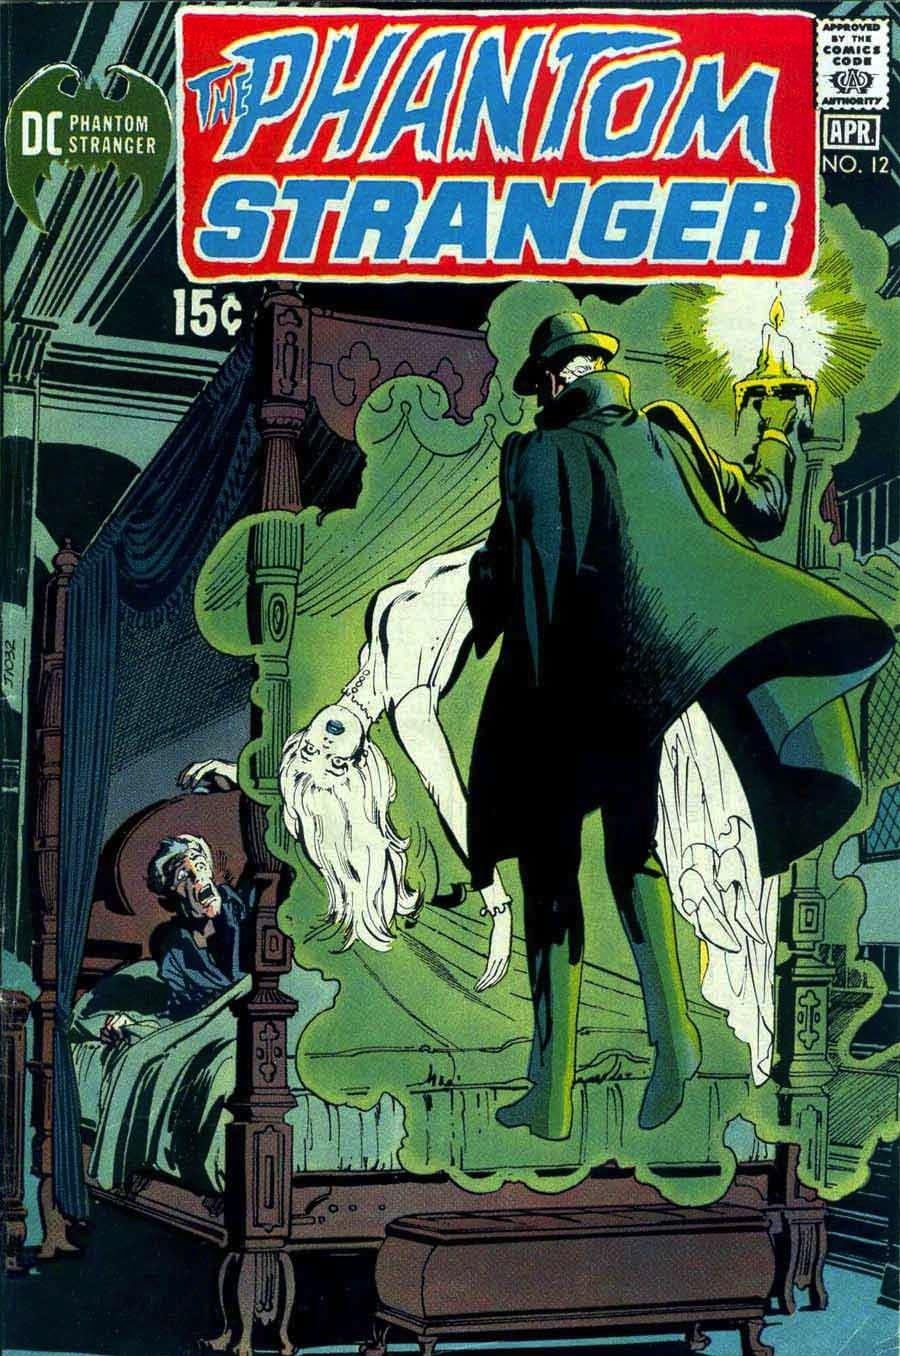 Phantom Stranger v2 #12 - 1970s dc horror comic book cover art by Neal Adams